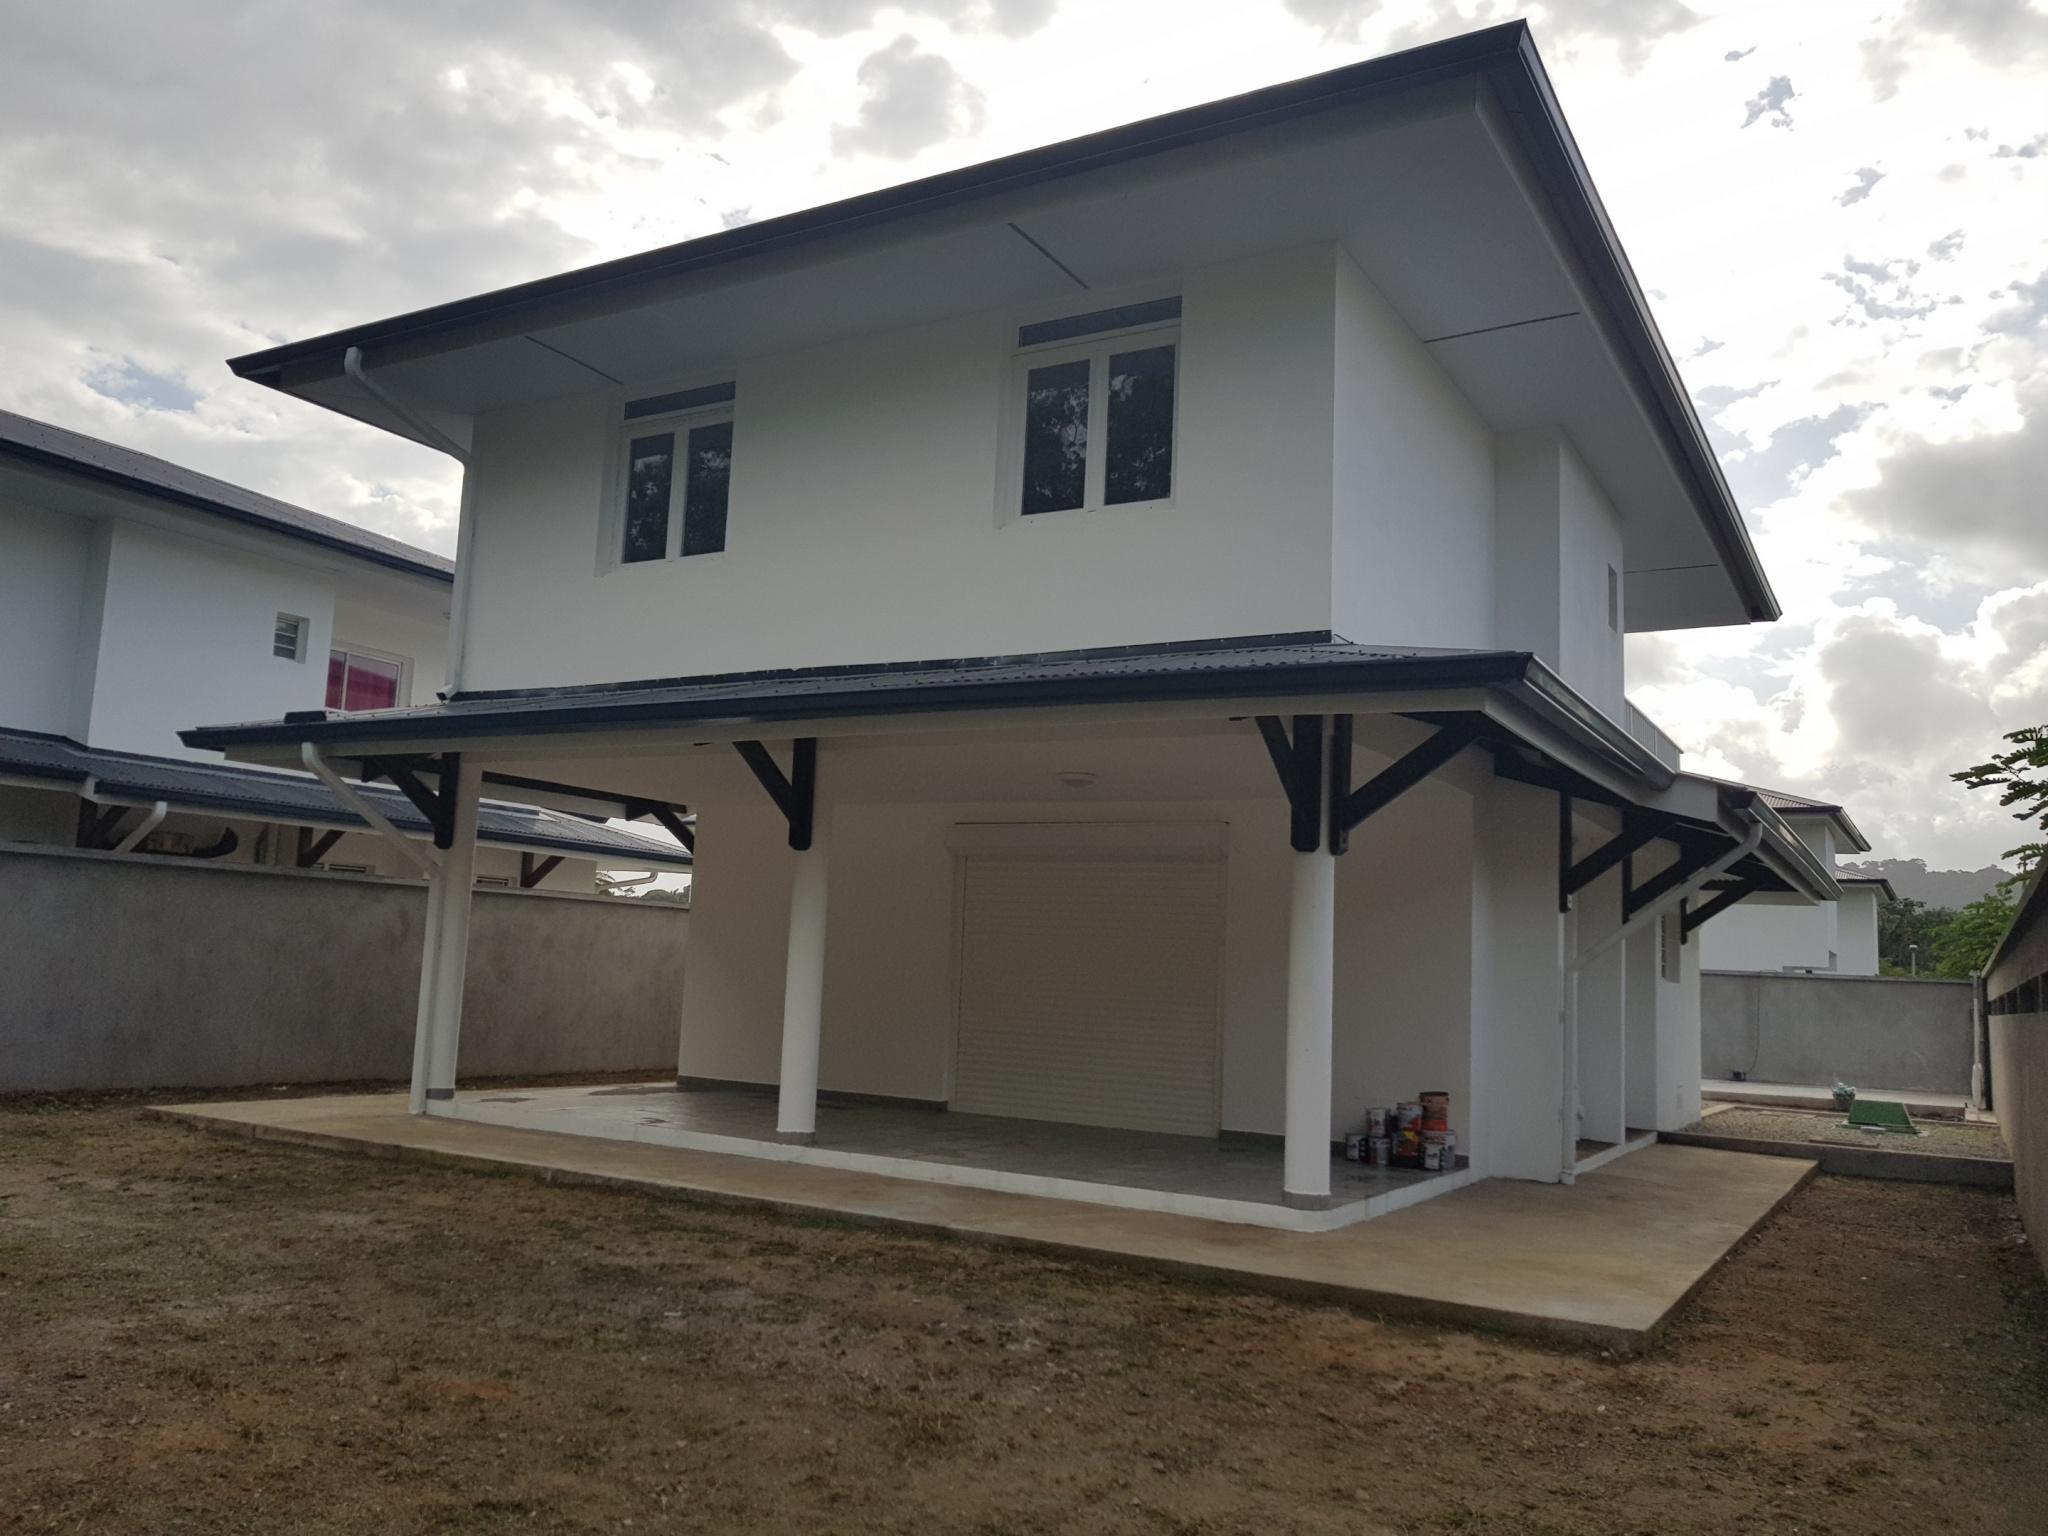 Maison coté arriere cour avec terrasse